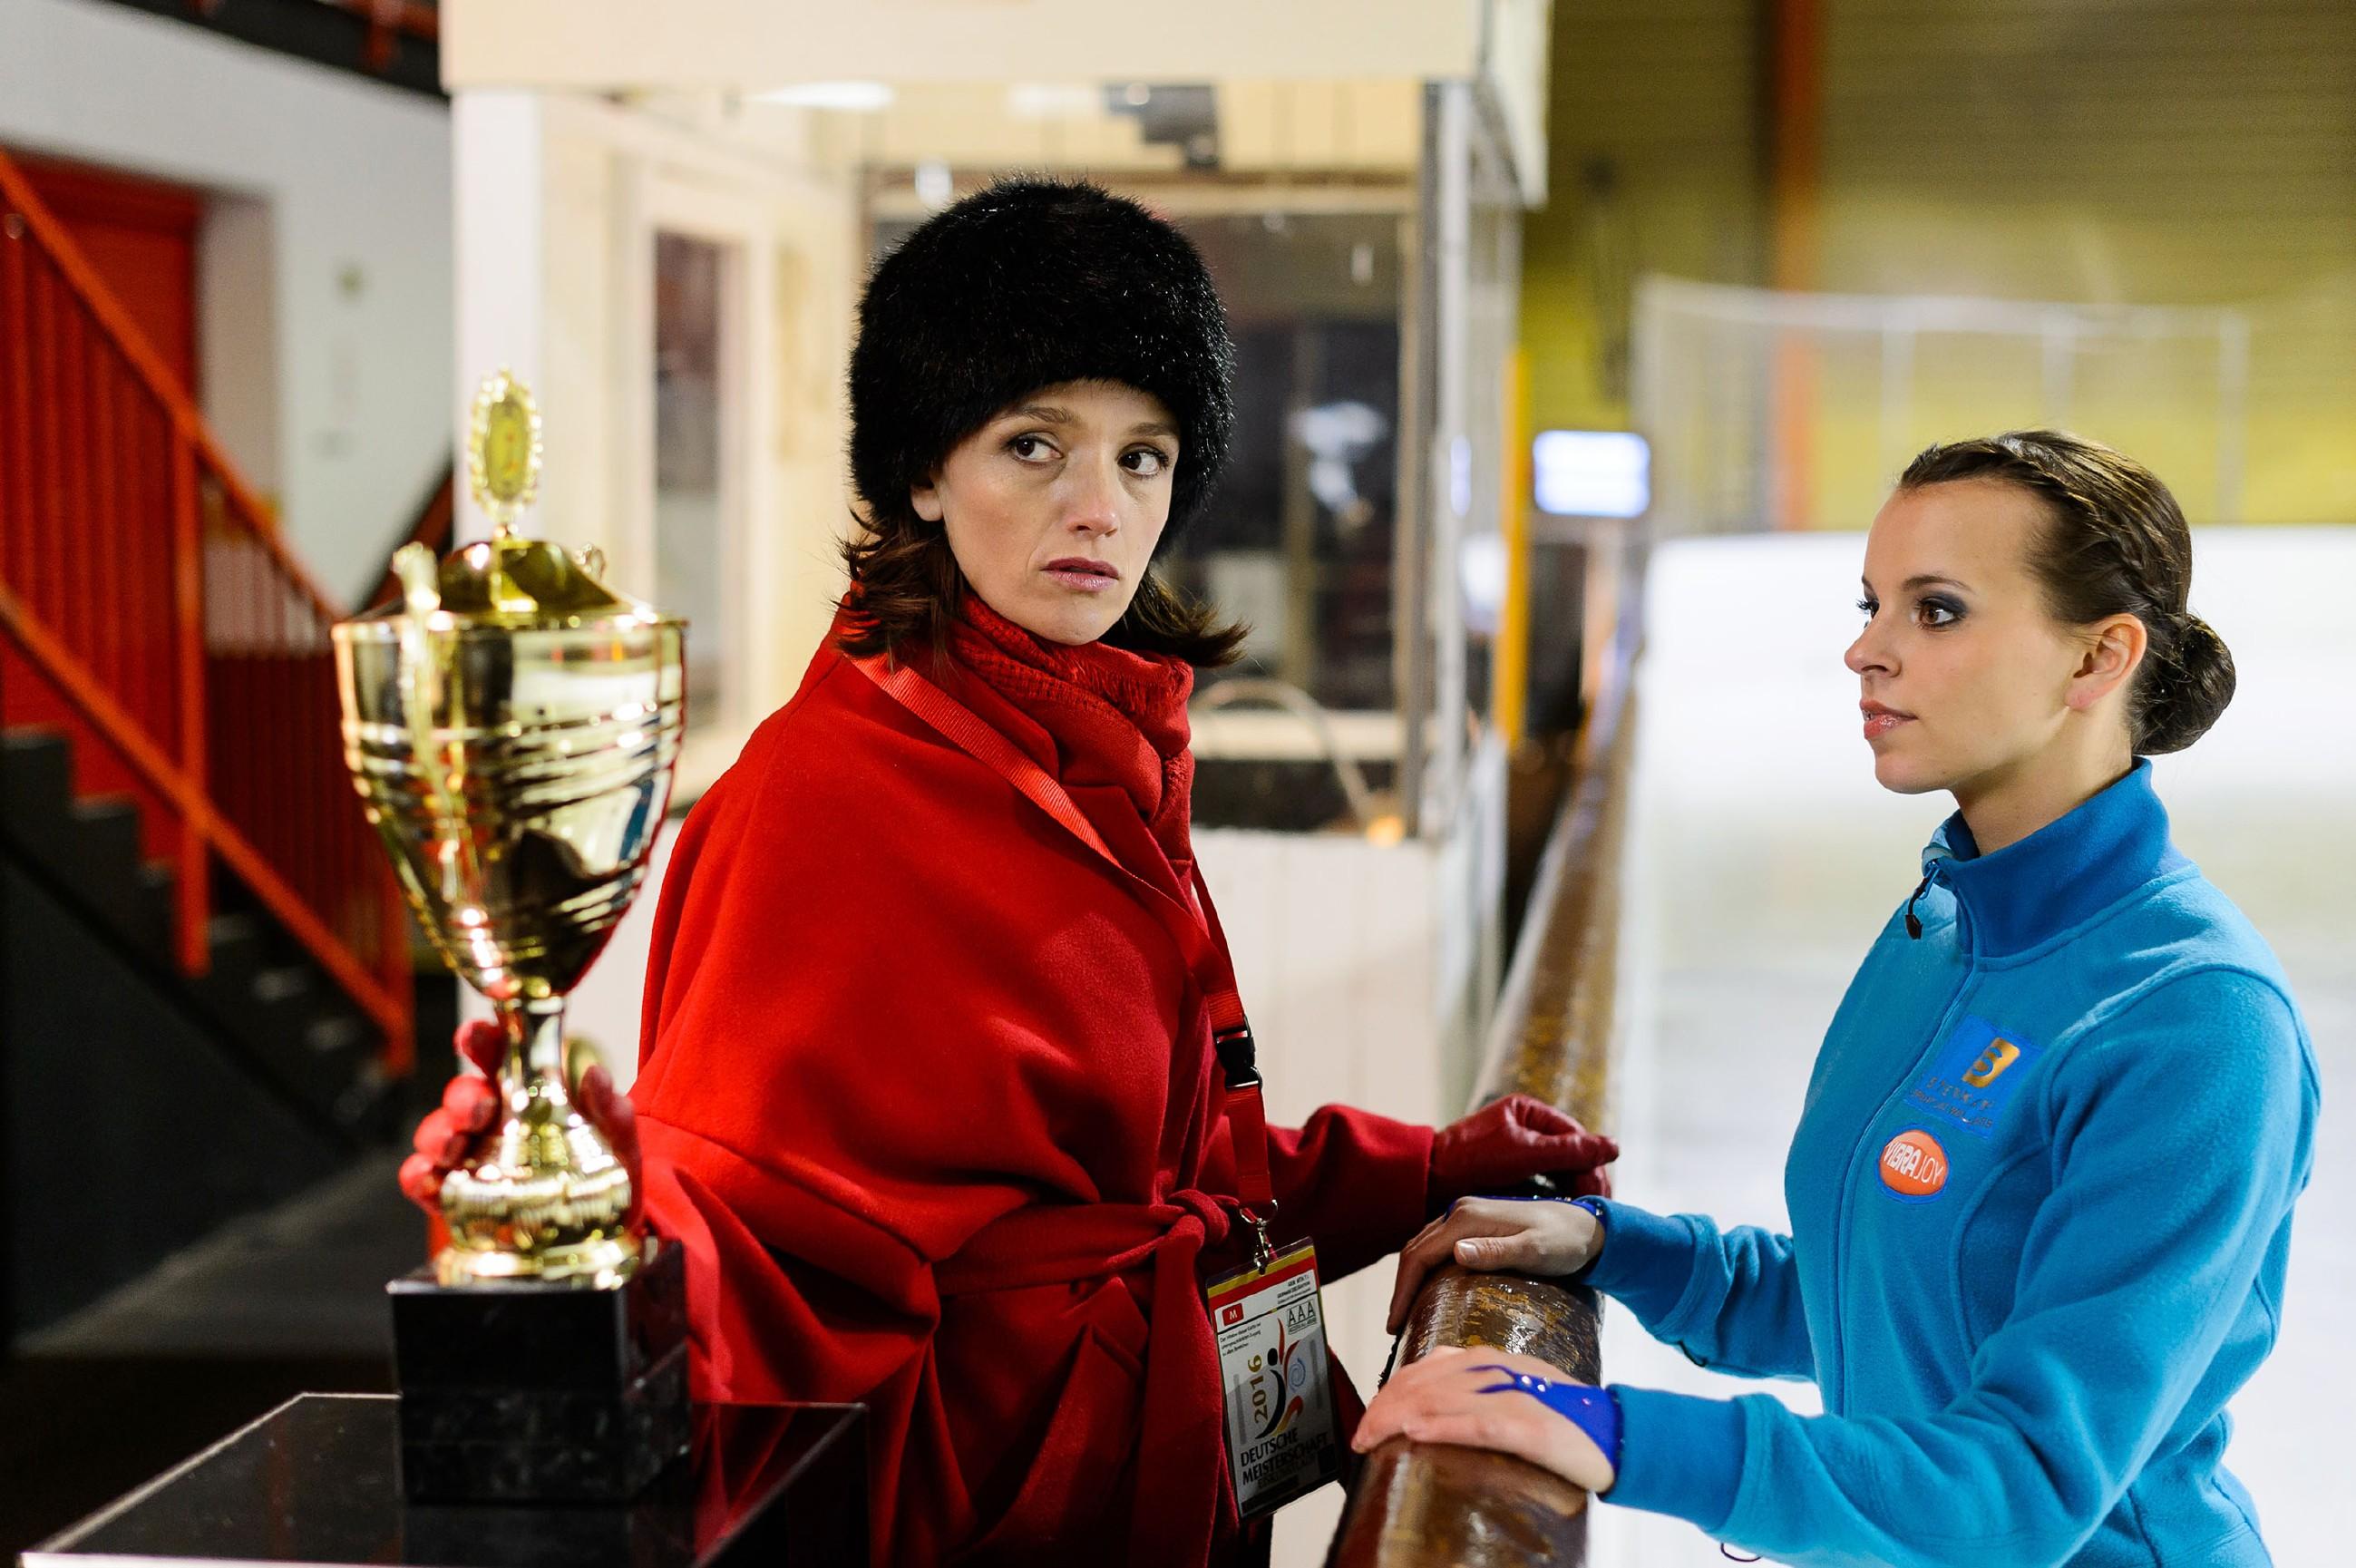 Jenny (Kaja Schmidt-Tychsen, l.) ist weiter fest entschlossen, Simone zu beweisen, dass sie keine Verliererin ist. Deshalb gibt sie alles, um Michelle (Franziska Benz) für ihre Kür vorzubereiten. (Quelle: RTL / Willi Weber)